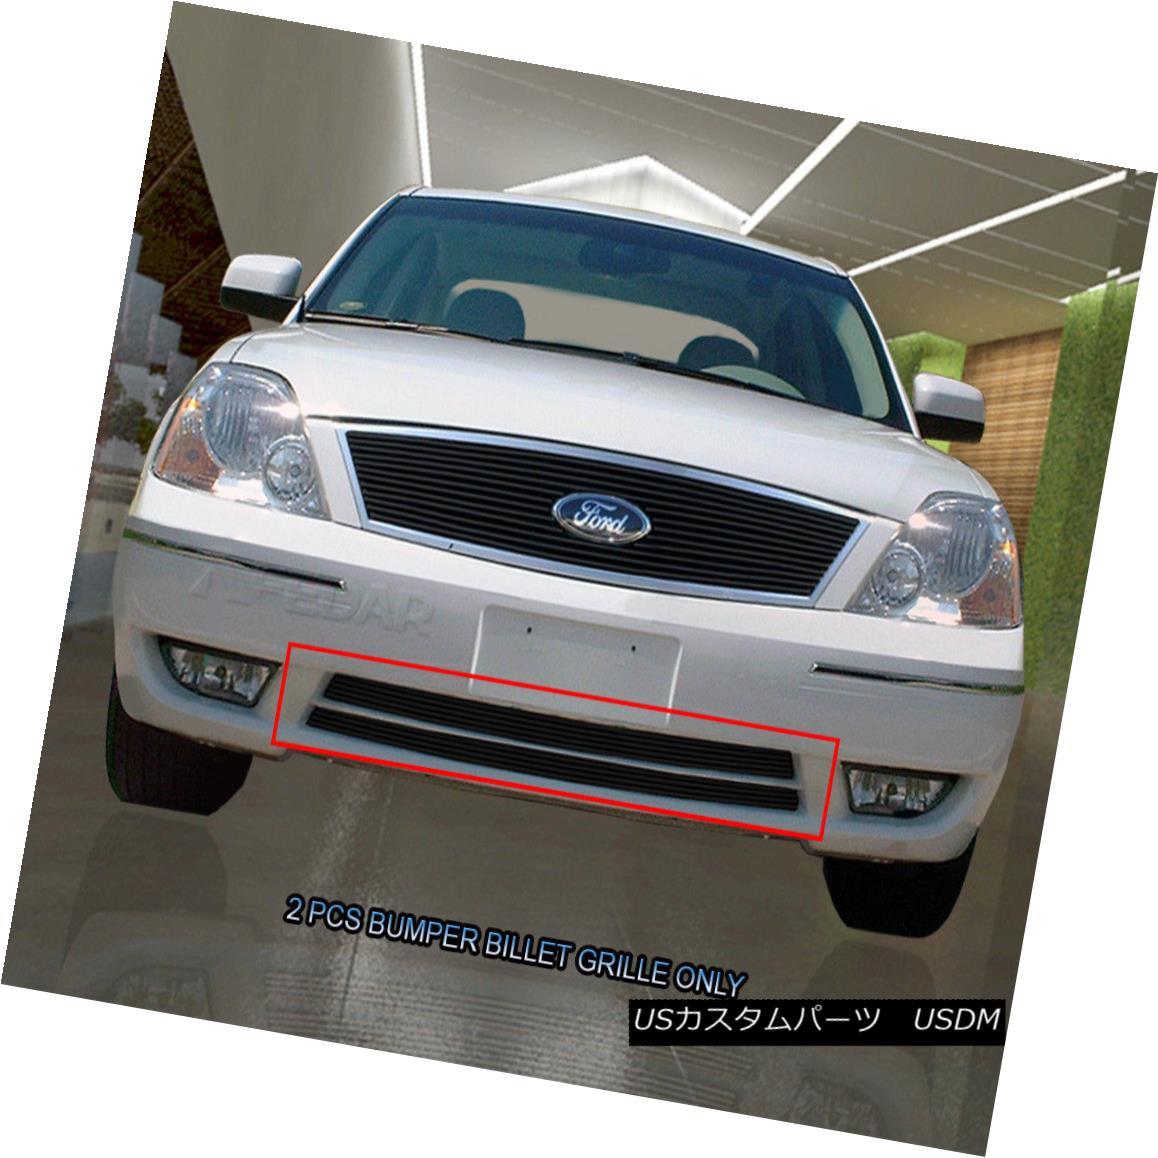 グリル Fits 2005 2006 2007 Ford Five Hundred Black Billet Grille Bumper Insert Fedar フィット2005年2006 2007フォードファイブ百白ビレットグリルバンパーインサートFedar